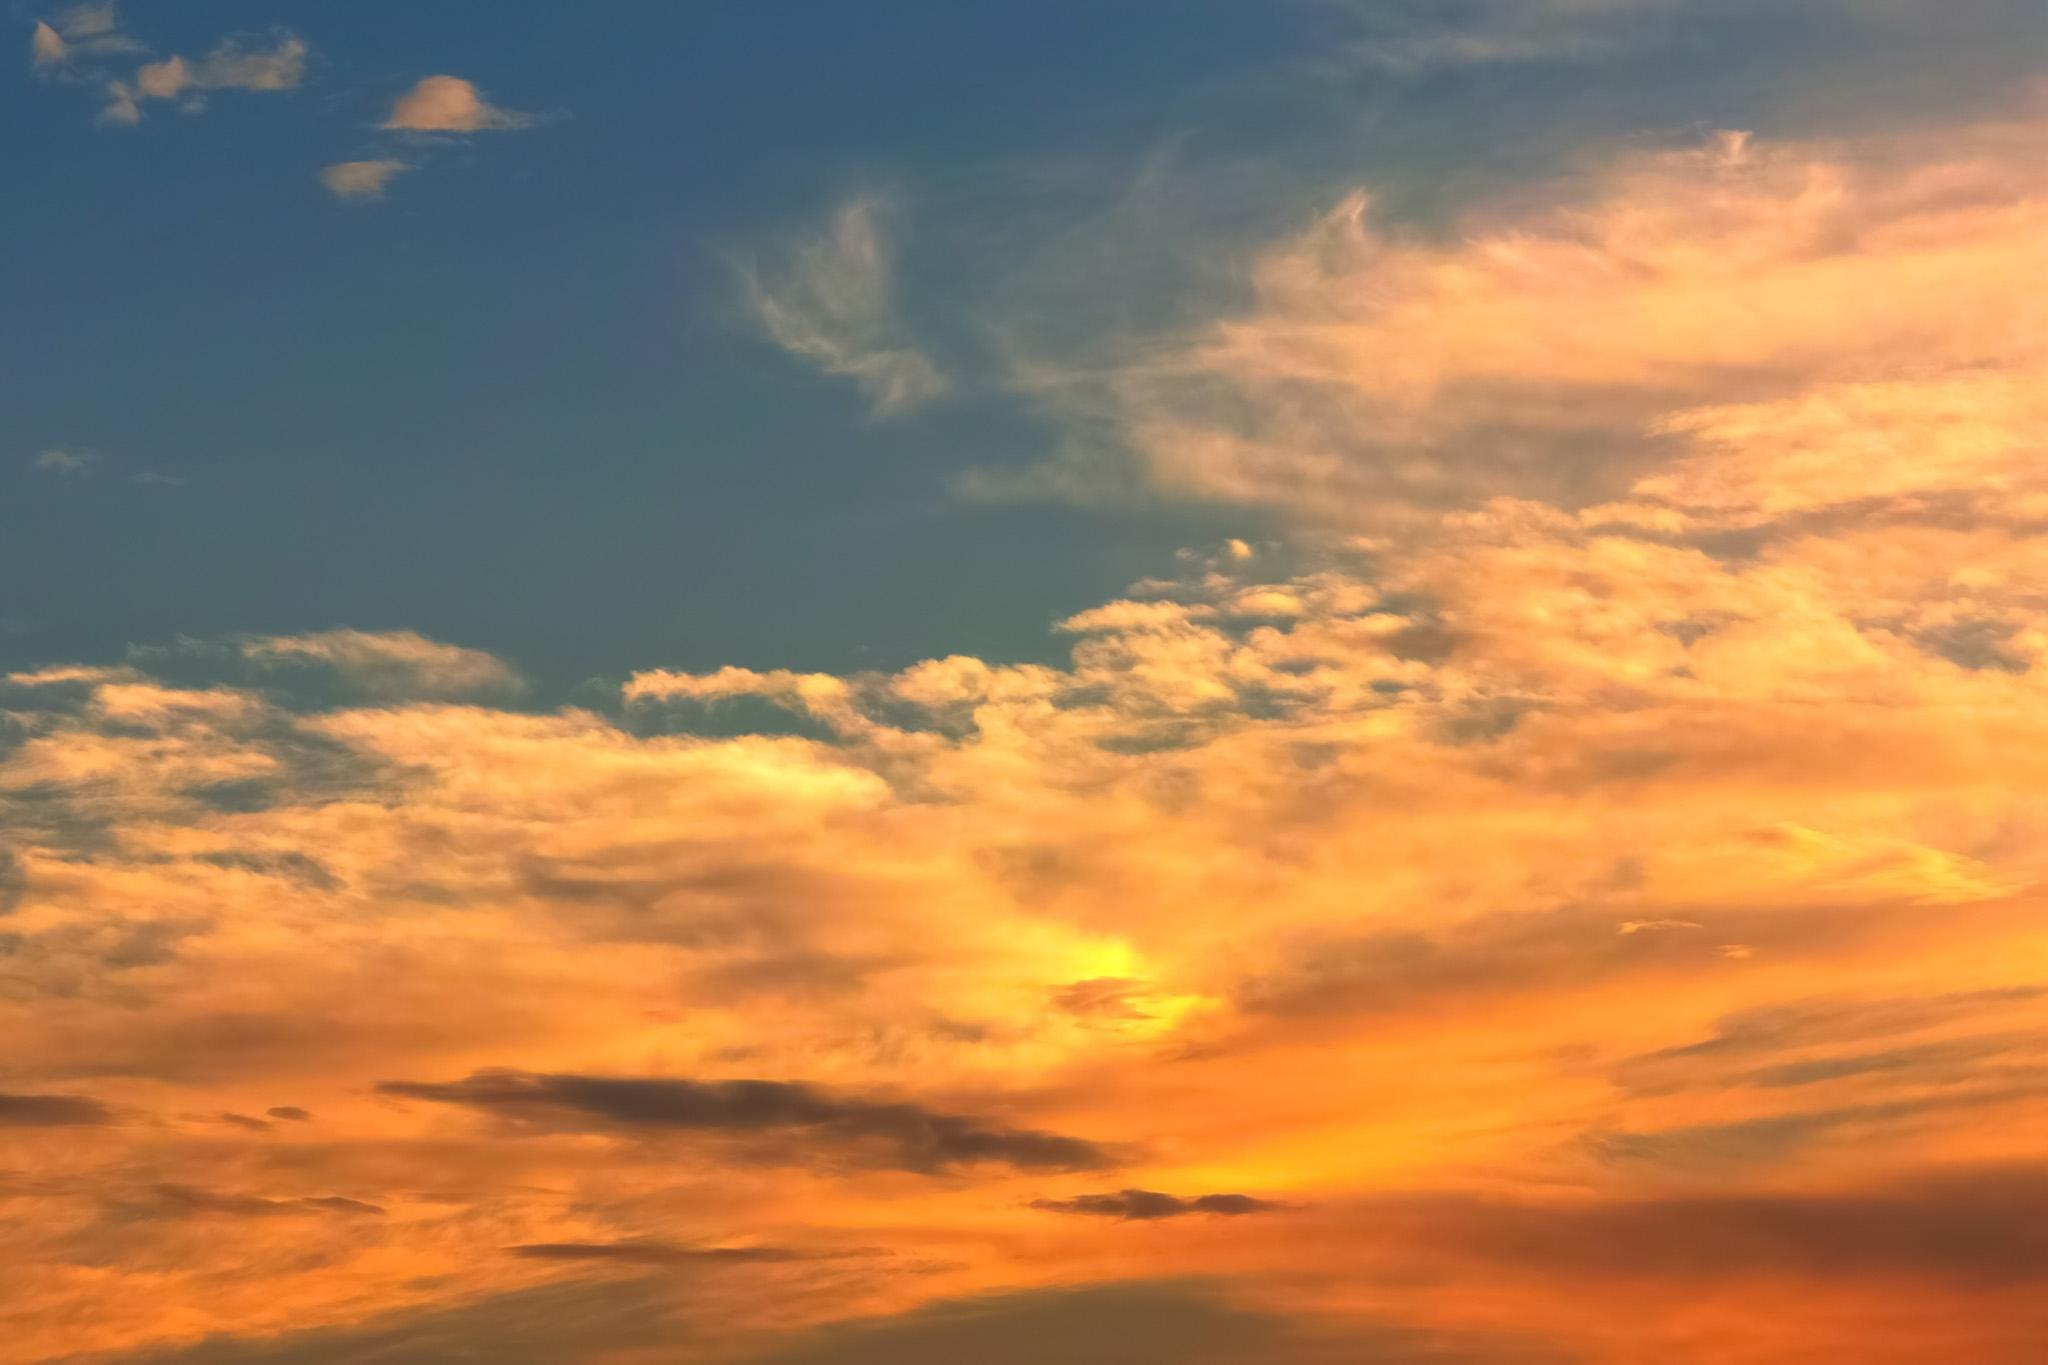 「黄金色の雲が彩る夕焼け」